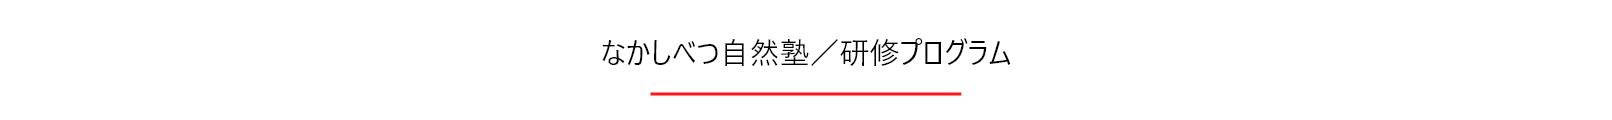 なかしべつ自然塾/プログラム